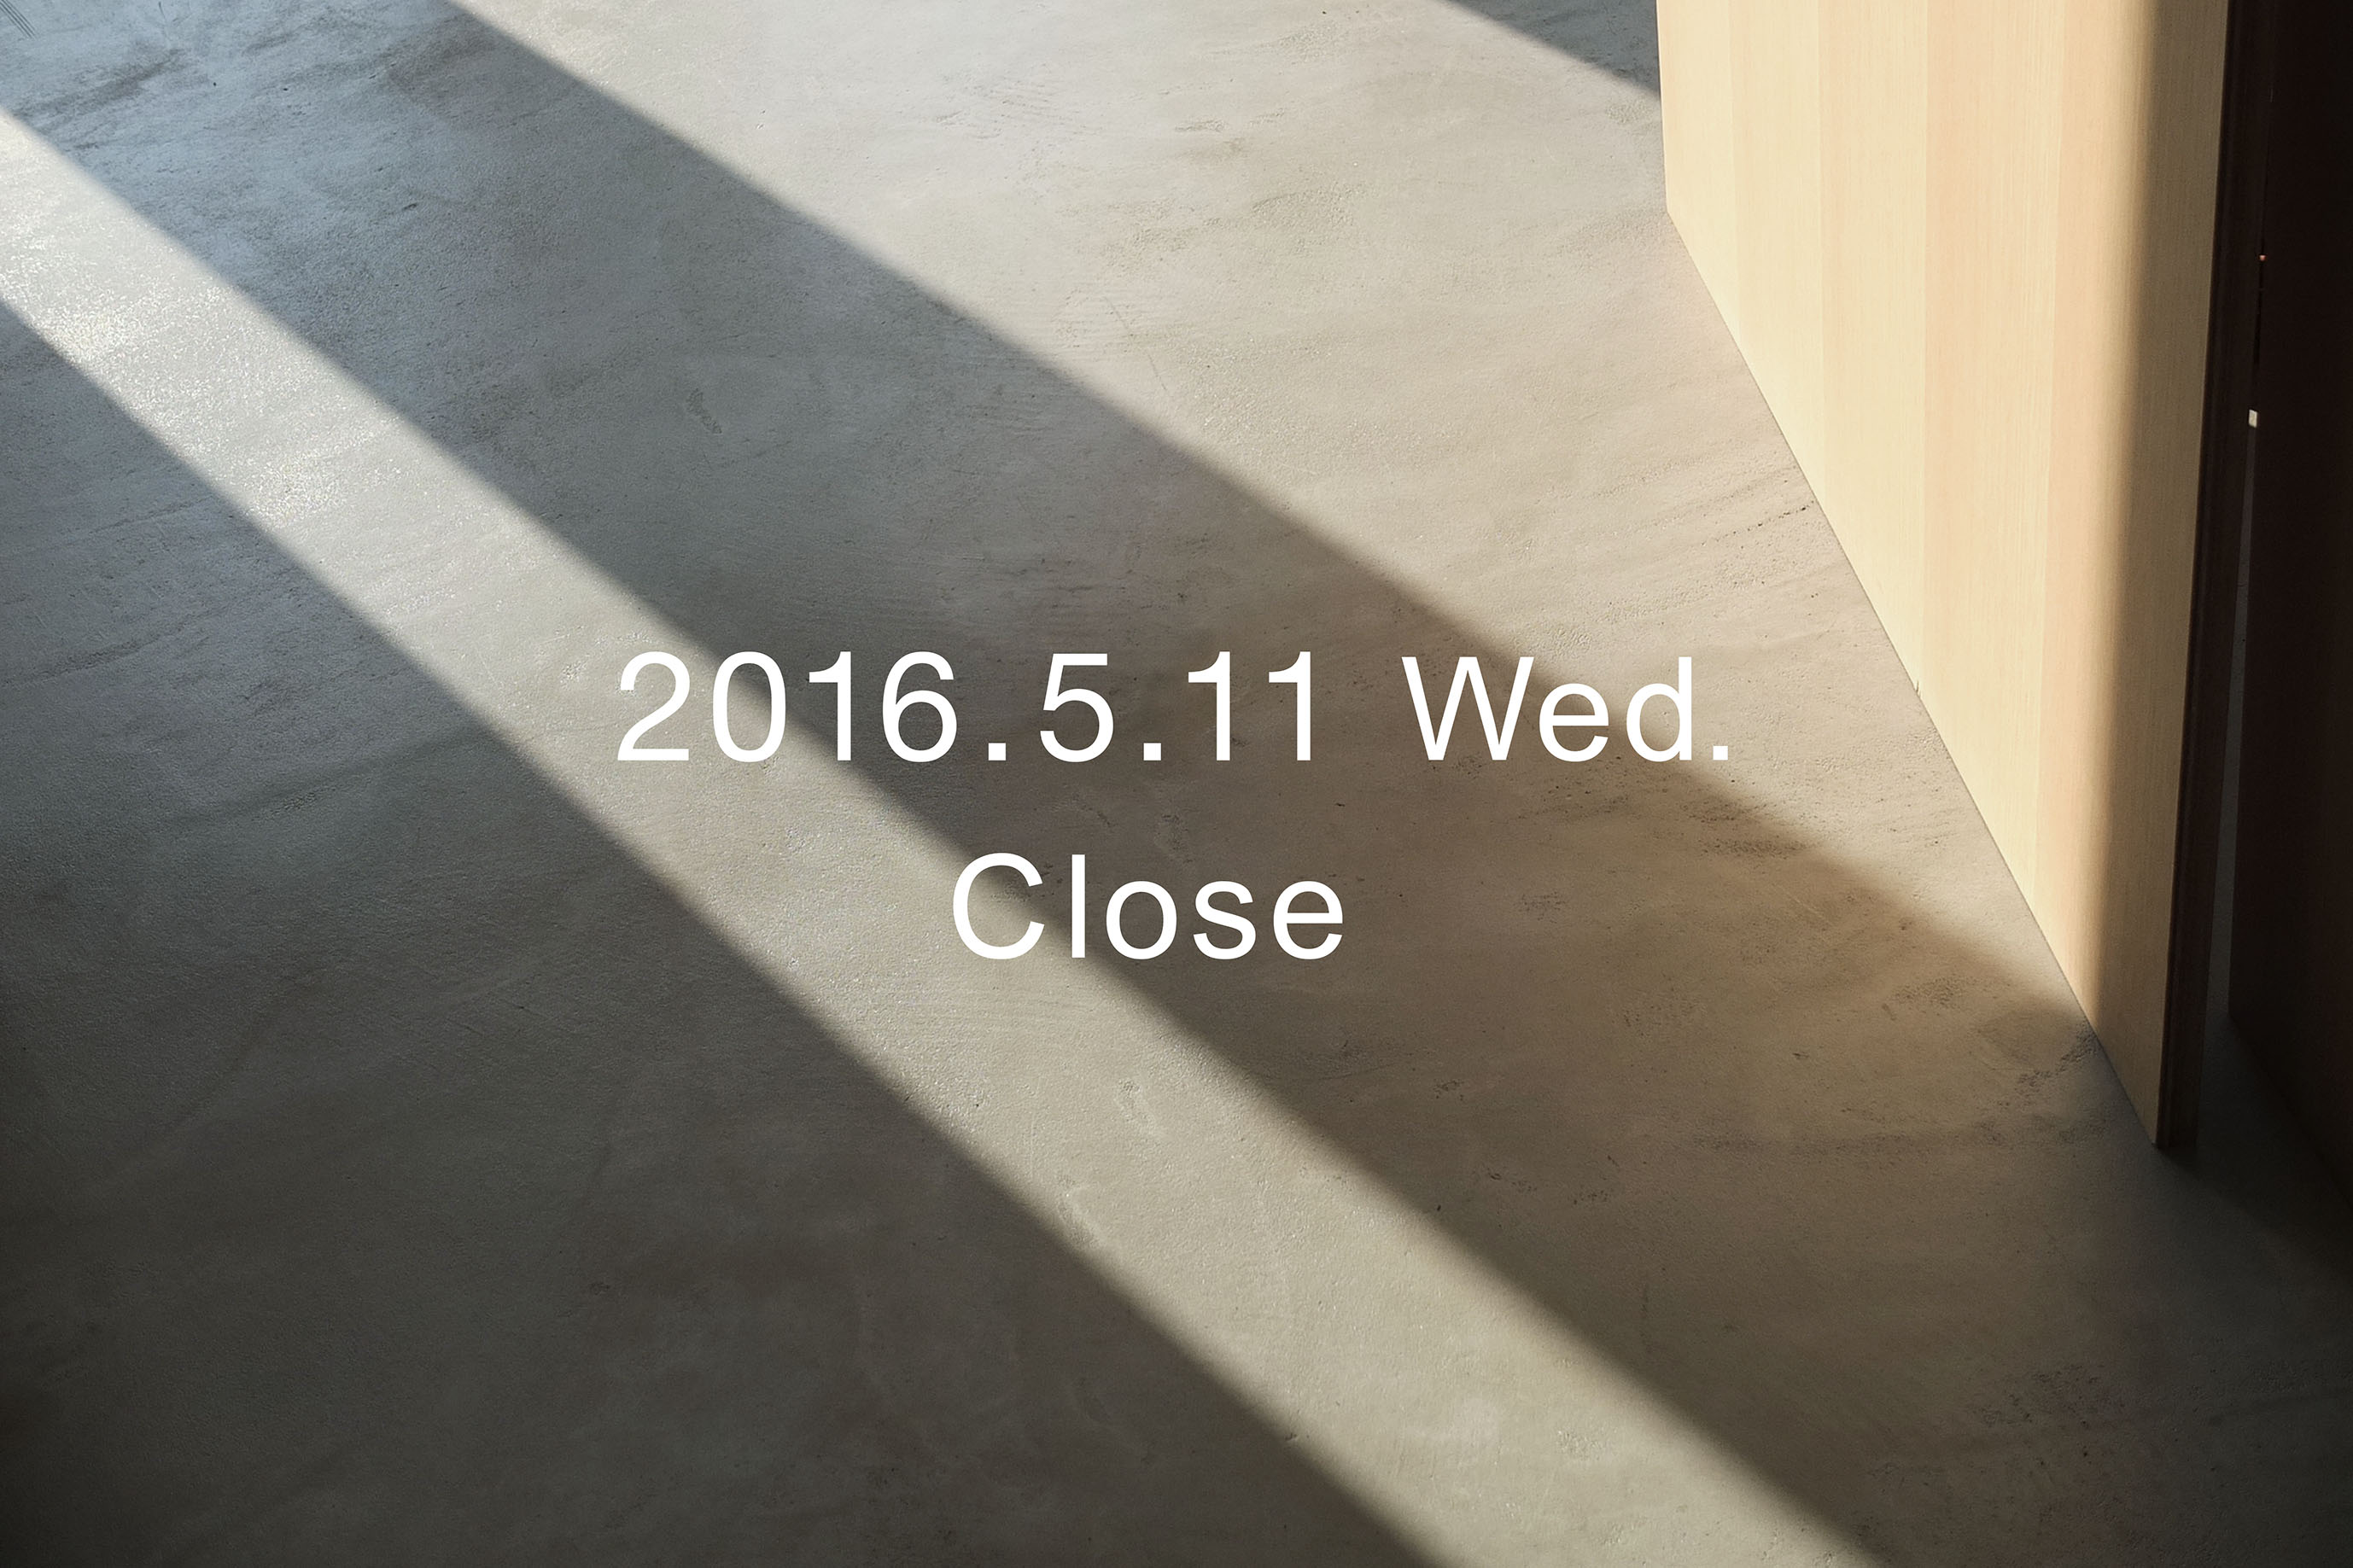 SS-Close_20160511